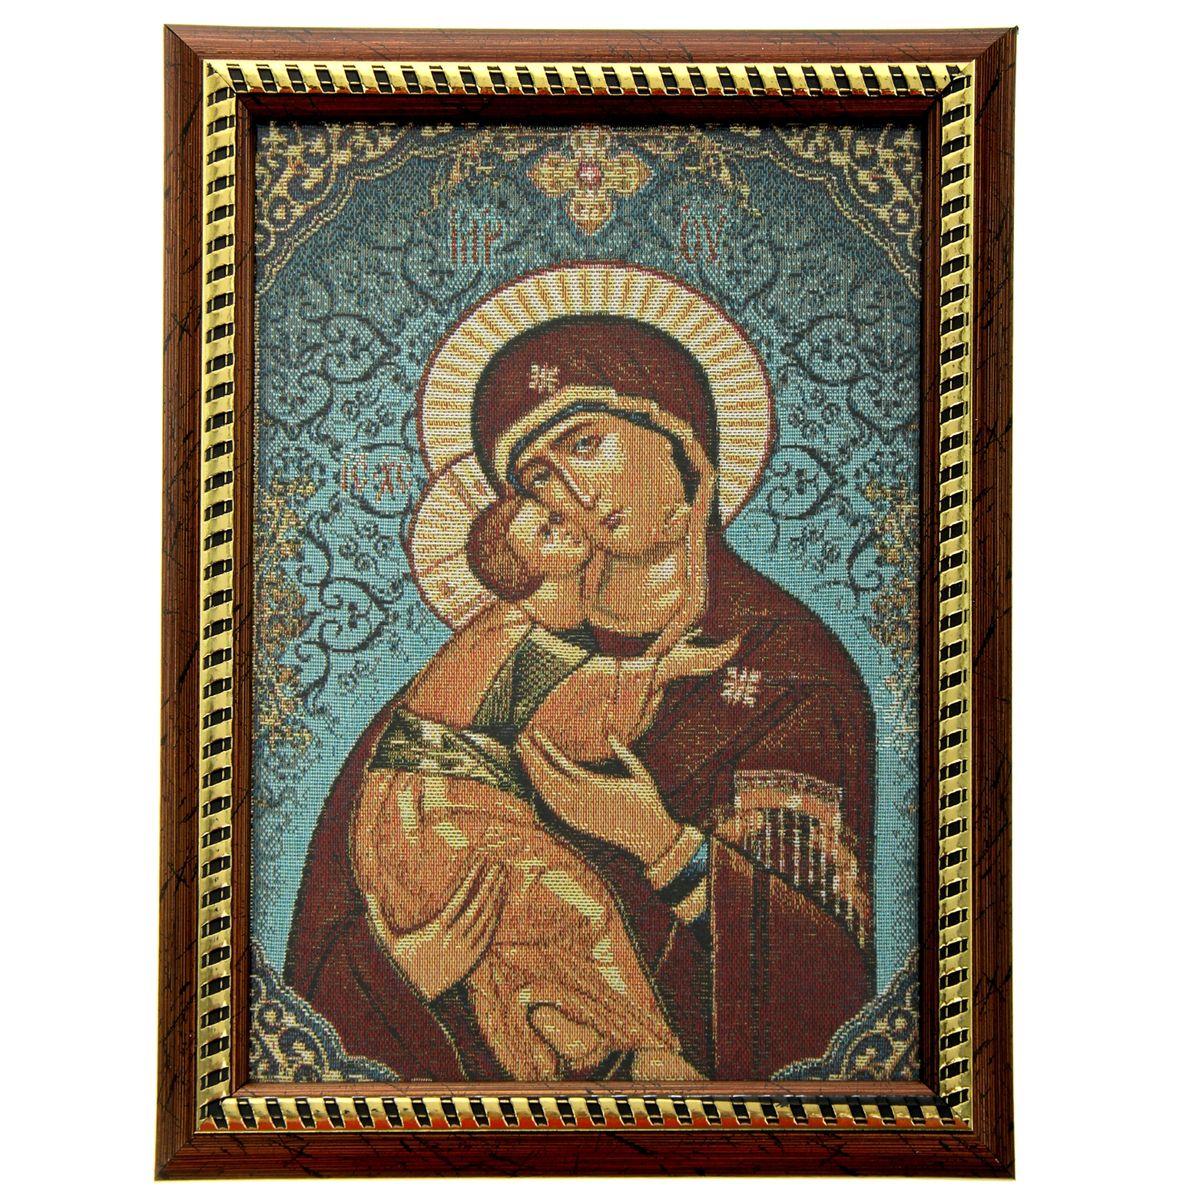 Икона в рамке Владимирская Божья Матерь, 21 х 27,5 смFS-91909Икона Владимирская Божья Матерь представляет собой святое изображение, вытканное на ткани и вставленное в деревянную рамку со стеклом. На обратной стороне иконы есть подставка, поэтому удобно располагать такую икону на столе. Икона полностью соответствует канонам Русской Православной Церкви. Икона выглядит по-настоящему богатой. Такая икона будет прекрасным подарком с духовной составляющей.